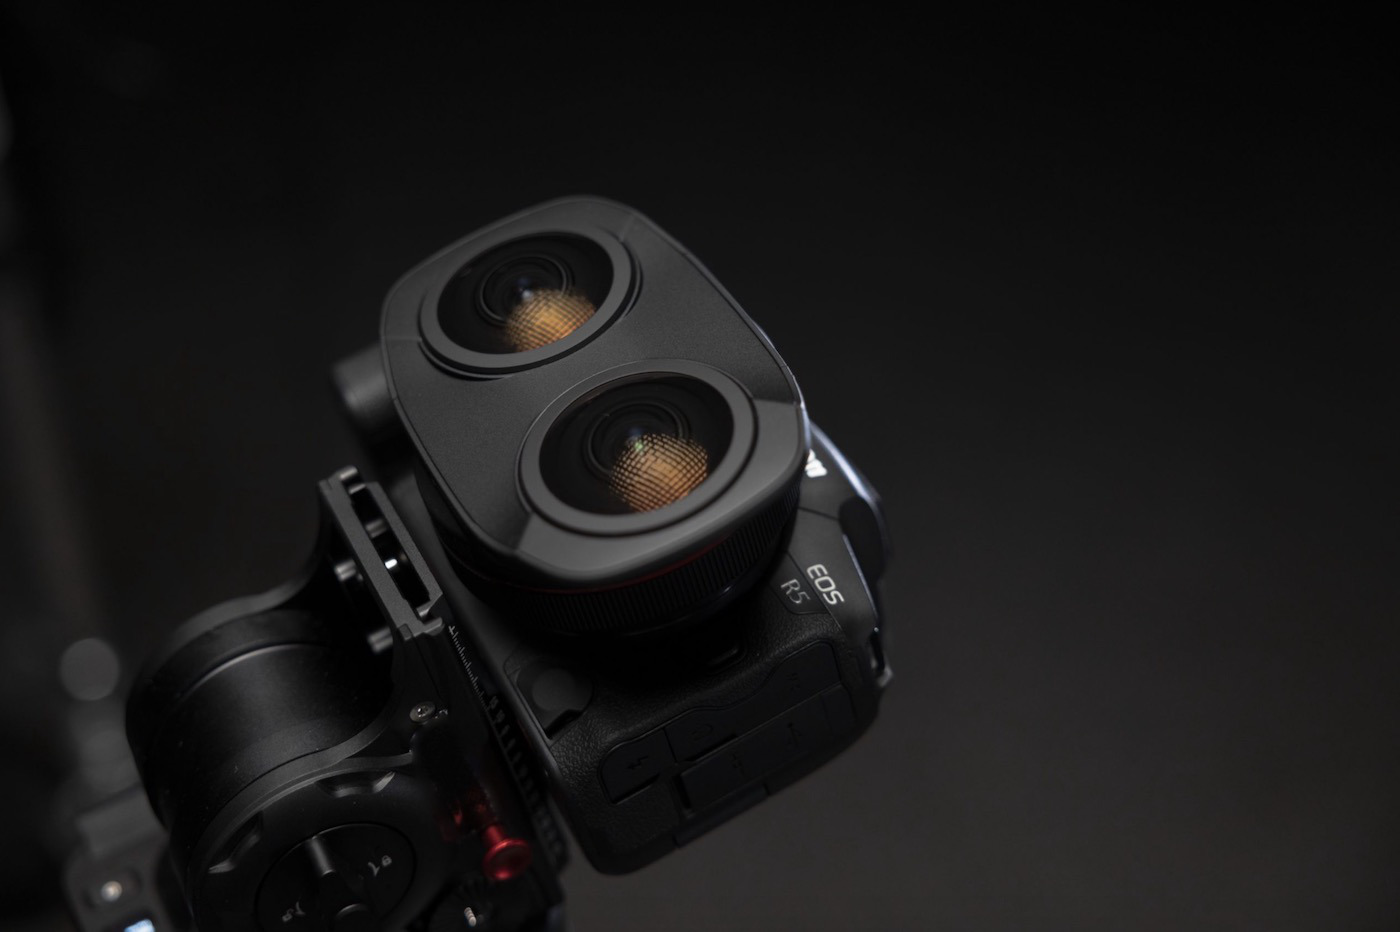 VR Canon lens